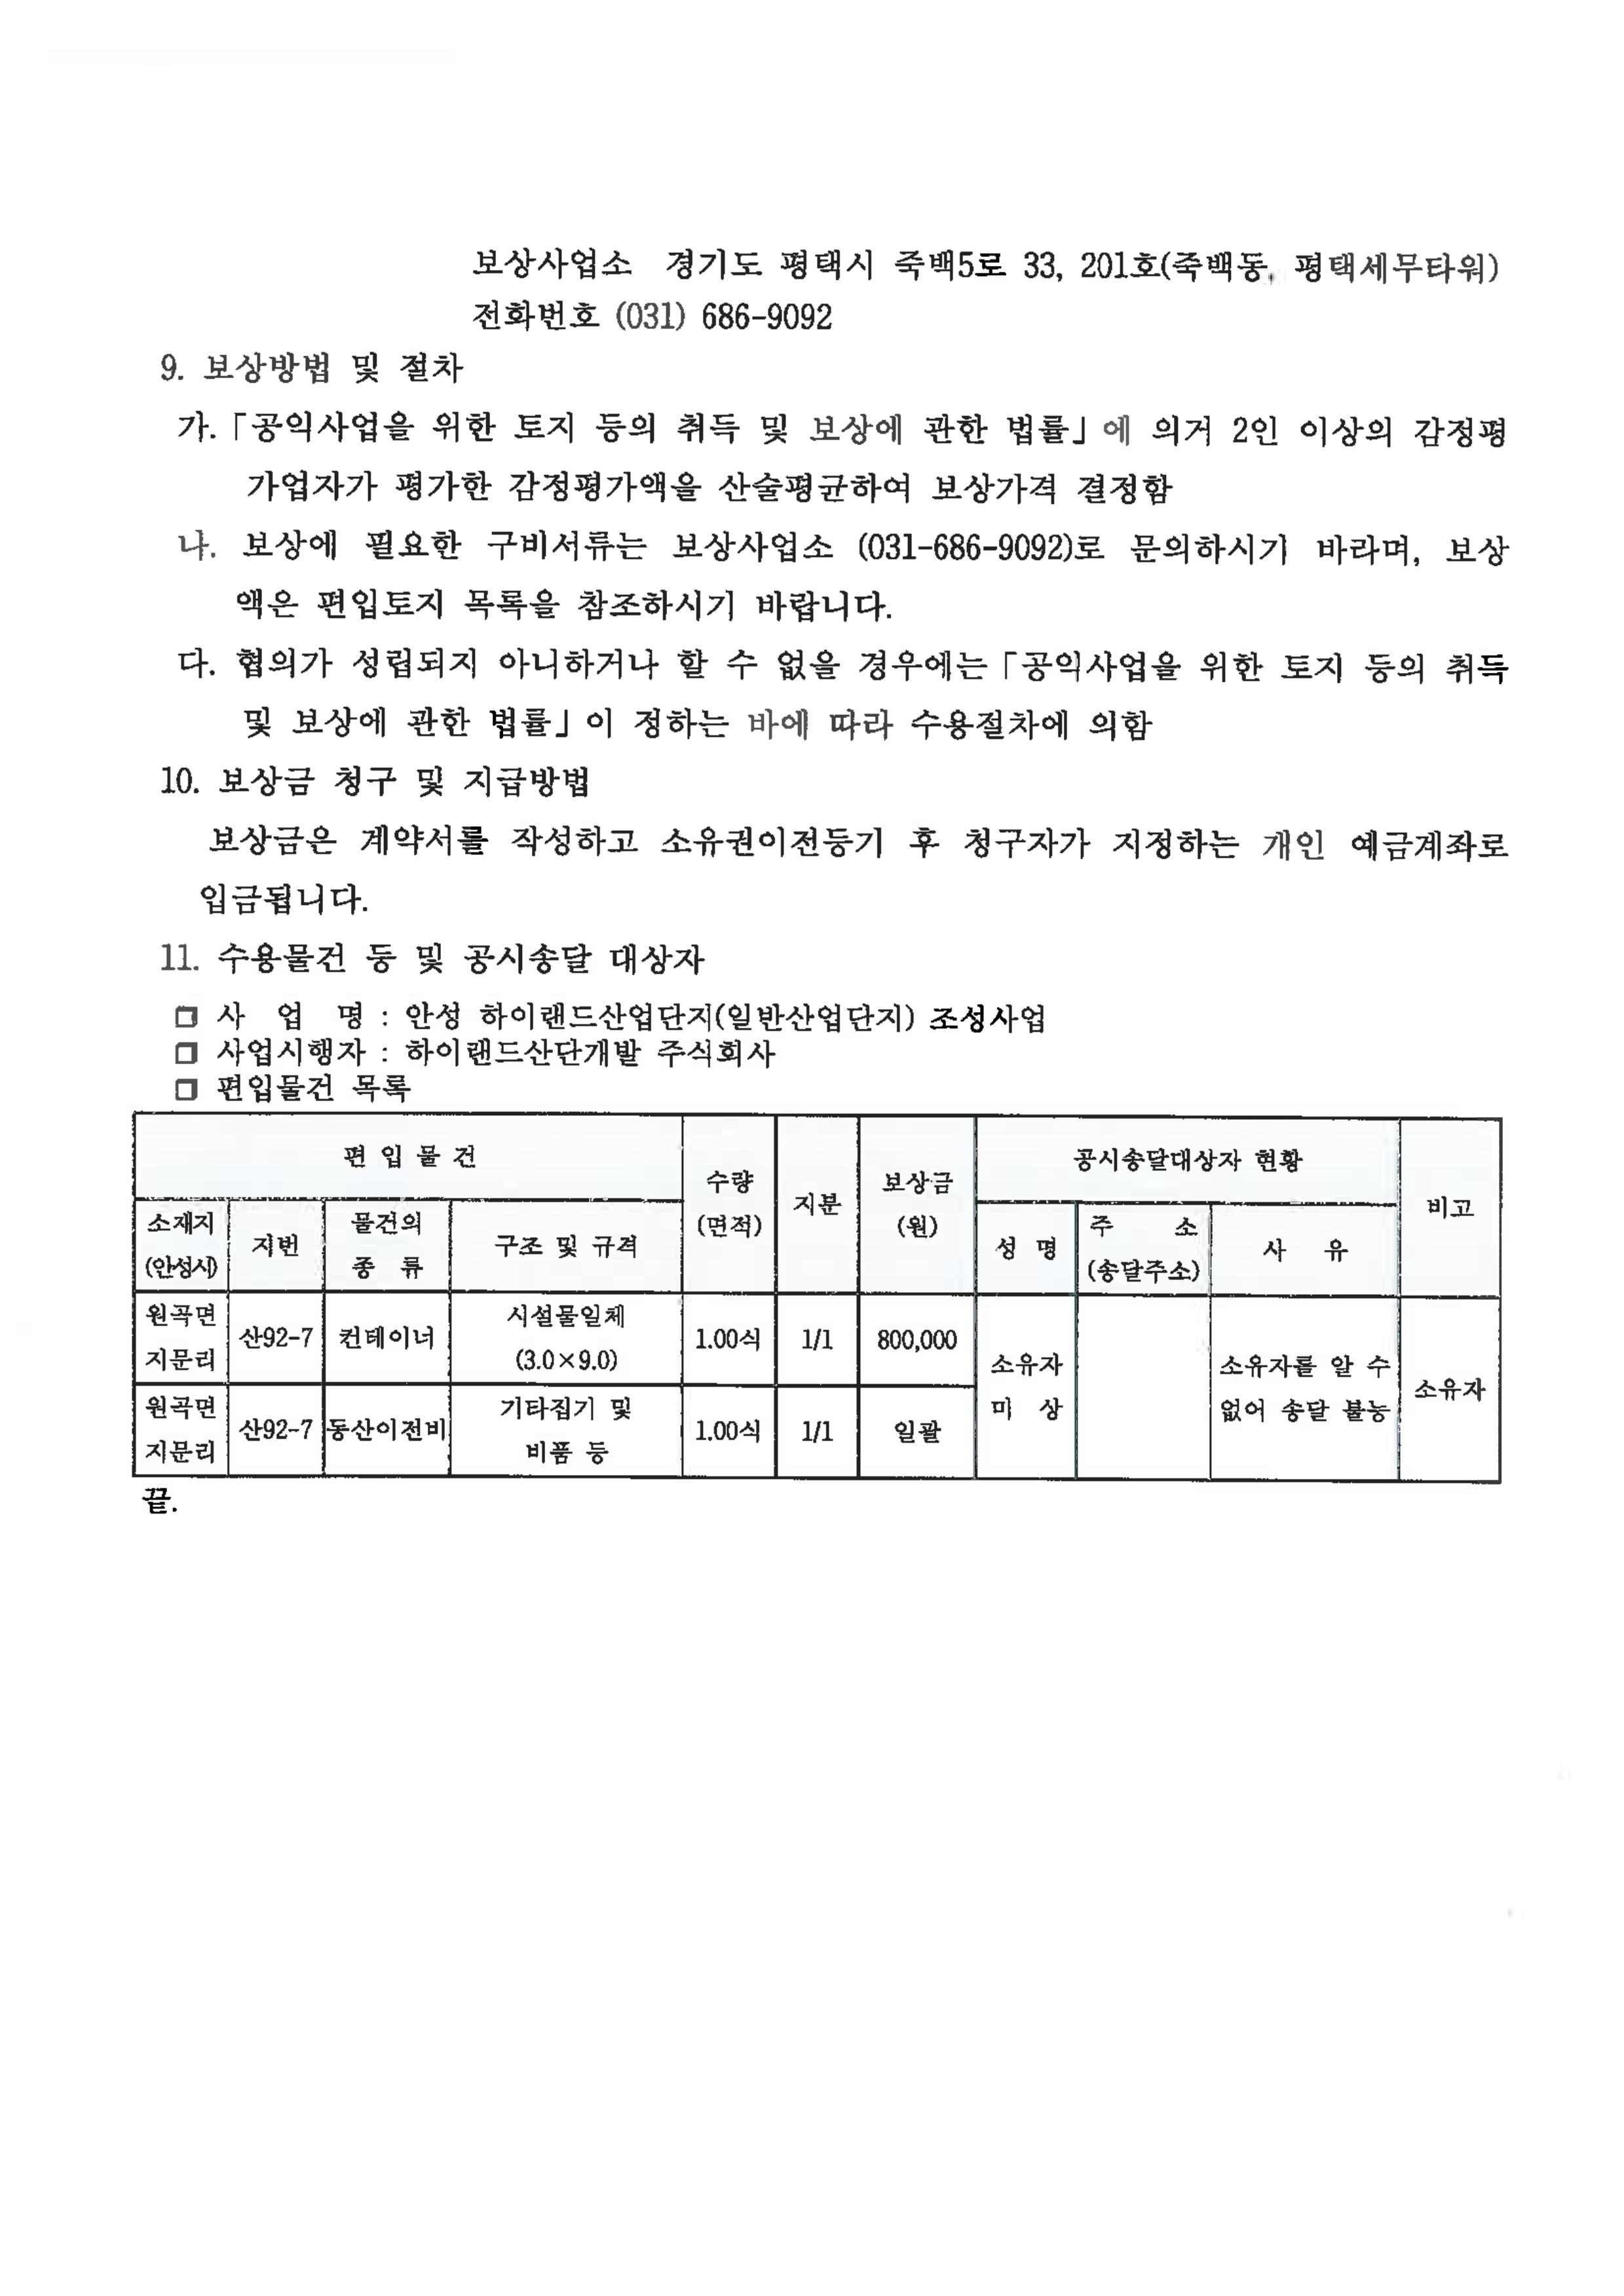 02. 안성시 공고 제2020-2068호(2020. 09. 21)_공시송달공고문.pdf_page_2.jpg